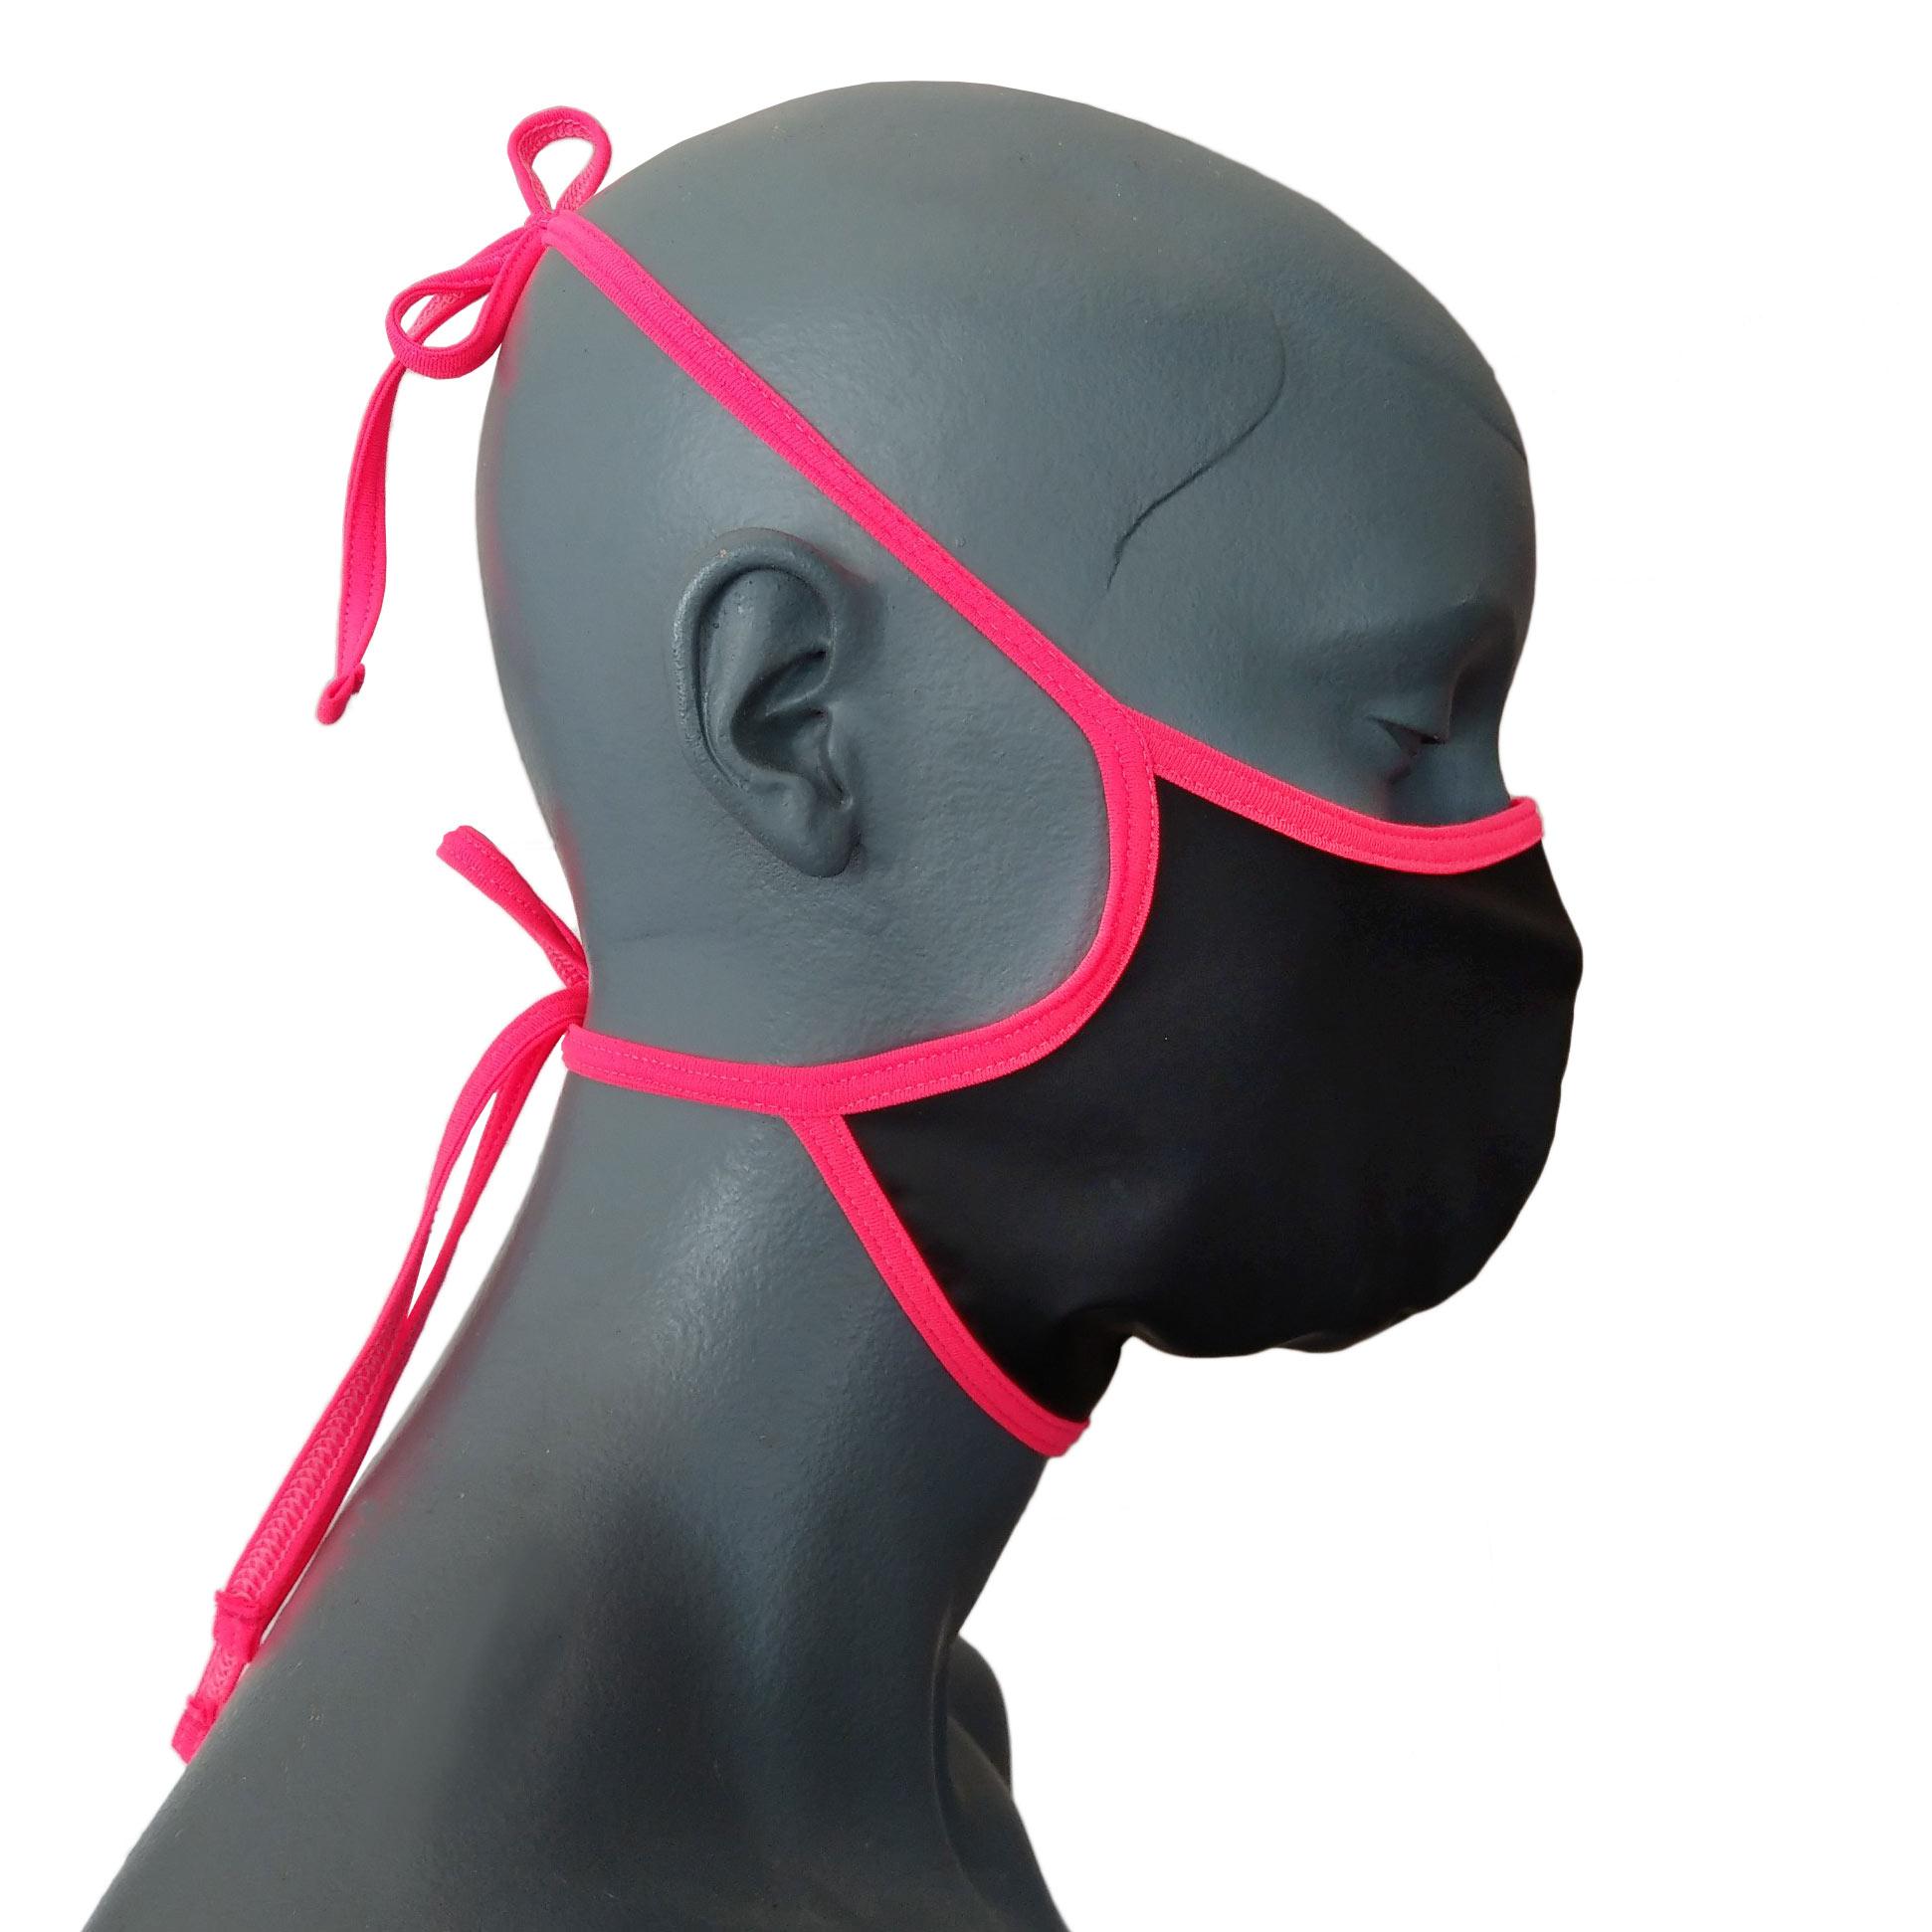 Die mystisch schwarze Synlex Fetisch Maske 331M4 gehört zu den Wojoer LIVE-Produkten. Sie werden ab Bestellung bei uns produziert. So können wir auf Kundenwünsche individuell eingehen. Größen Erhältlich in den Größen Unisize Materialzusammensetzung Hauptmaterial: Synlex²: matt anthrazit farbenes Synthetisches Silikon/Latex mit weichem Innenfutter made…